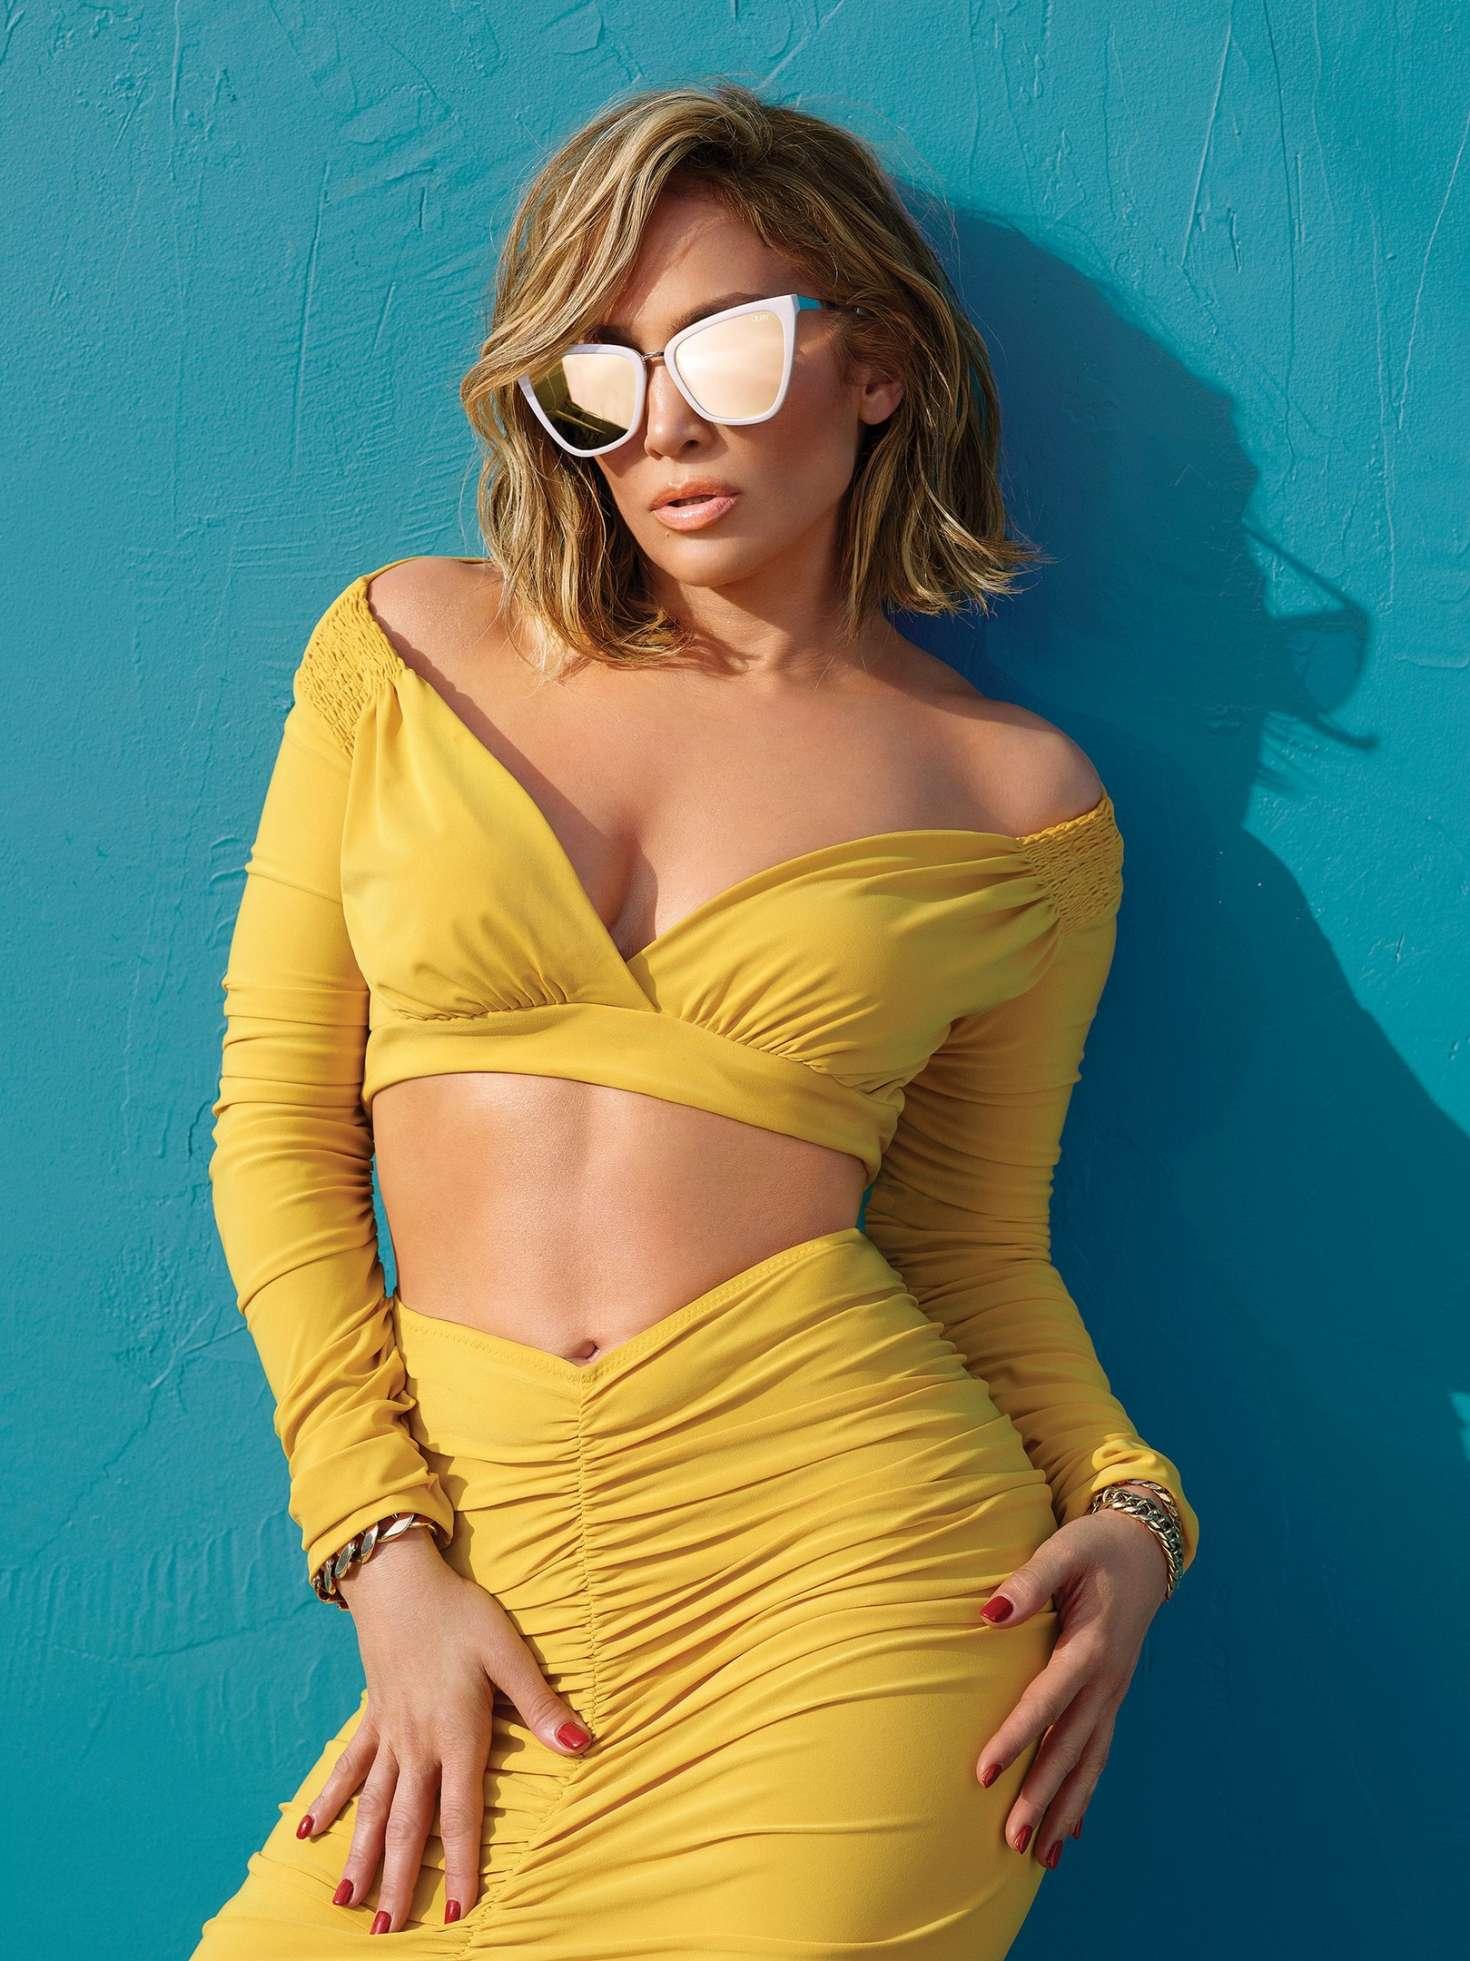 Jennifer Lopez 2019 : Jennifer Lopez: QUAY x JLO AND AROD Campaign 2019 -11